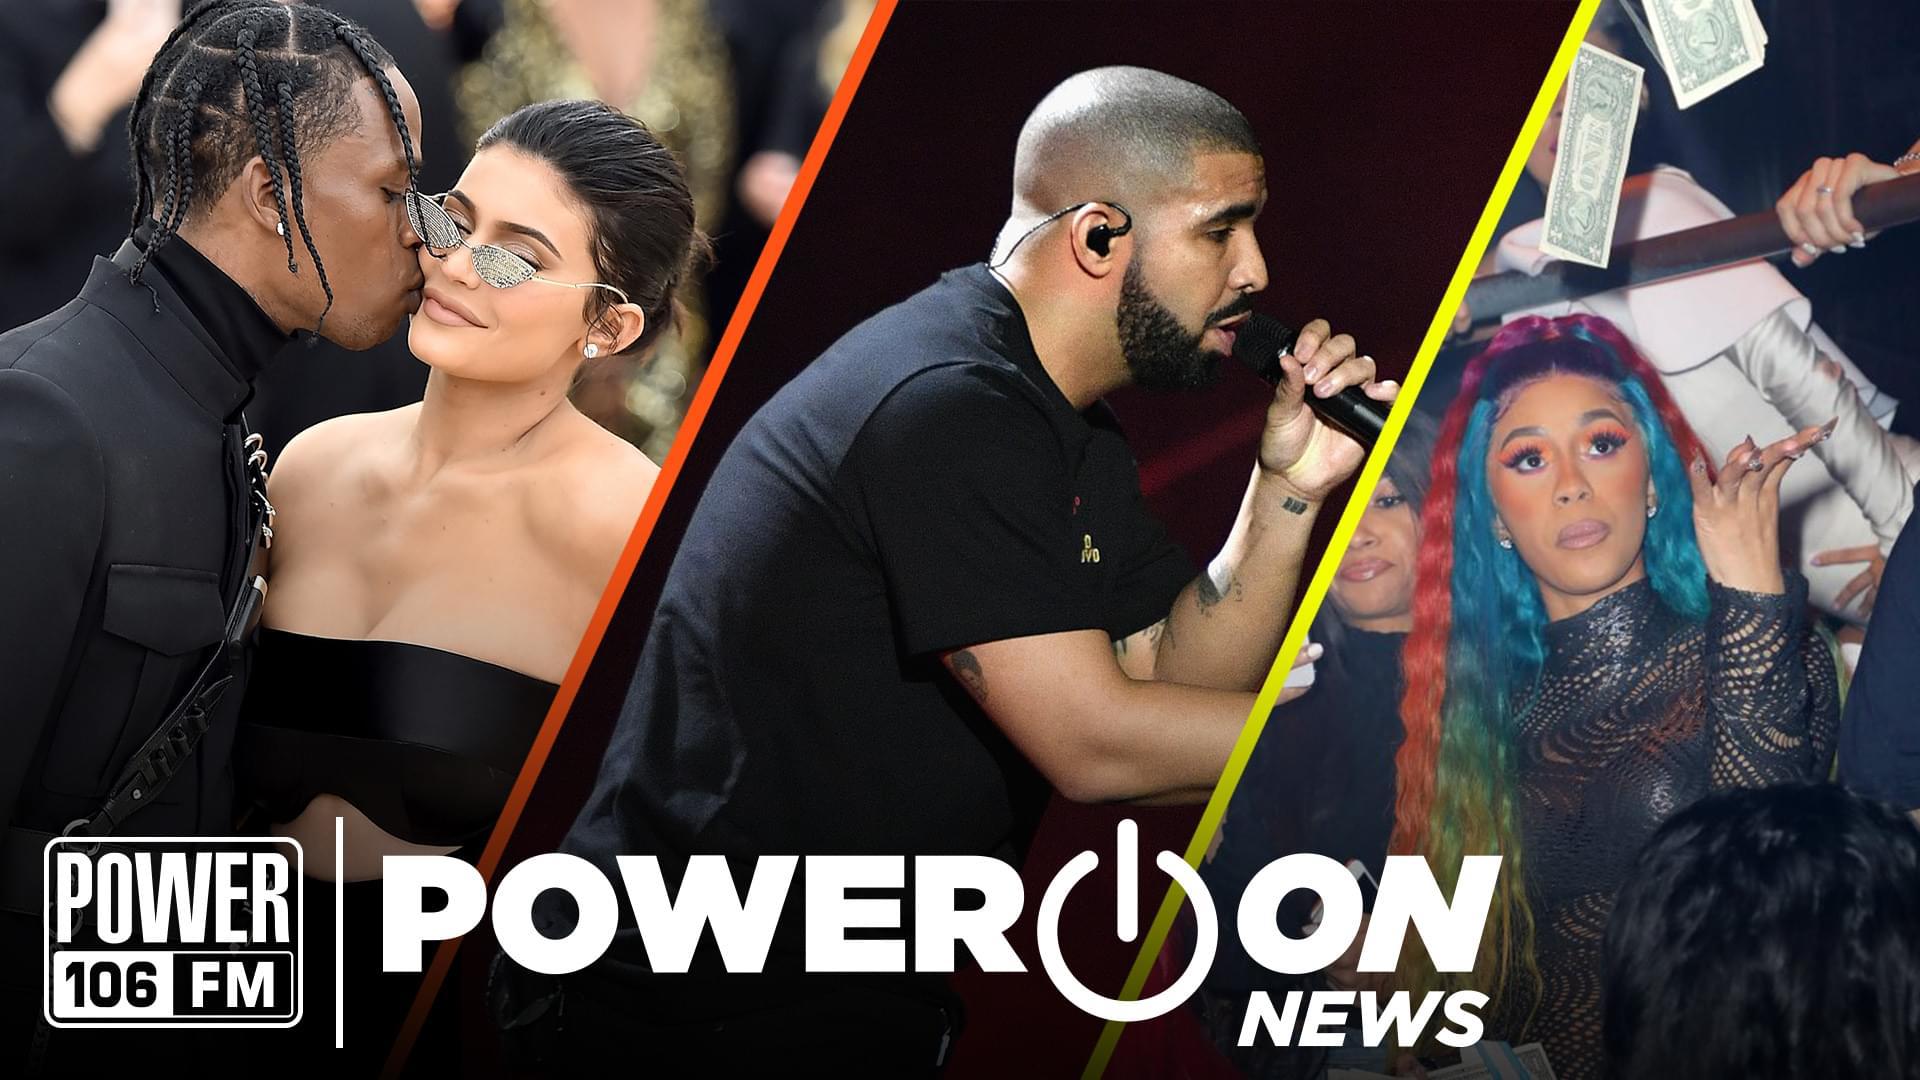 #PowerOn: Travis Scott Cheating Scandal Exposed, Cardi B Unbothered After Offset Break Up + Drake & Nicki Drama